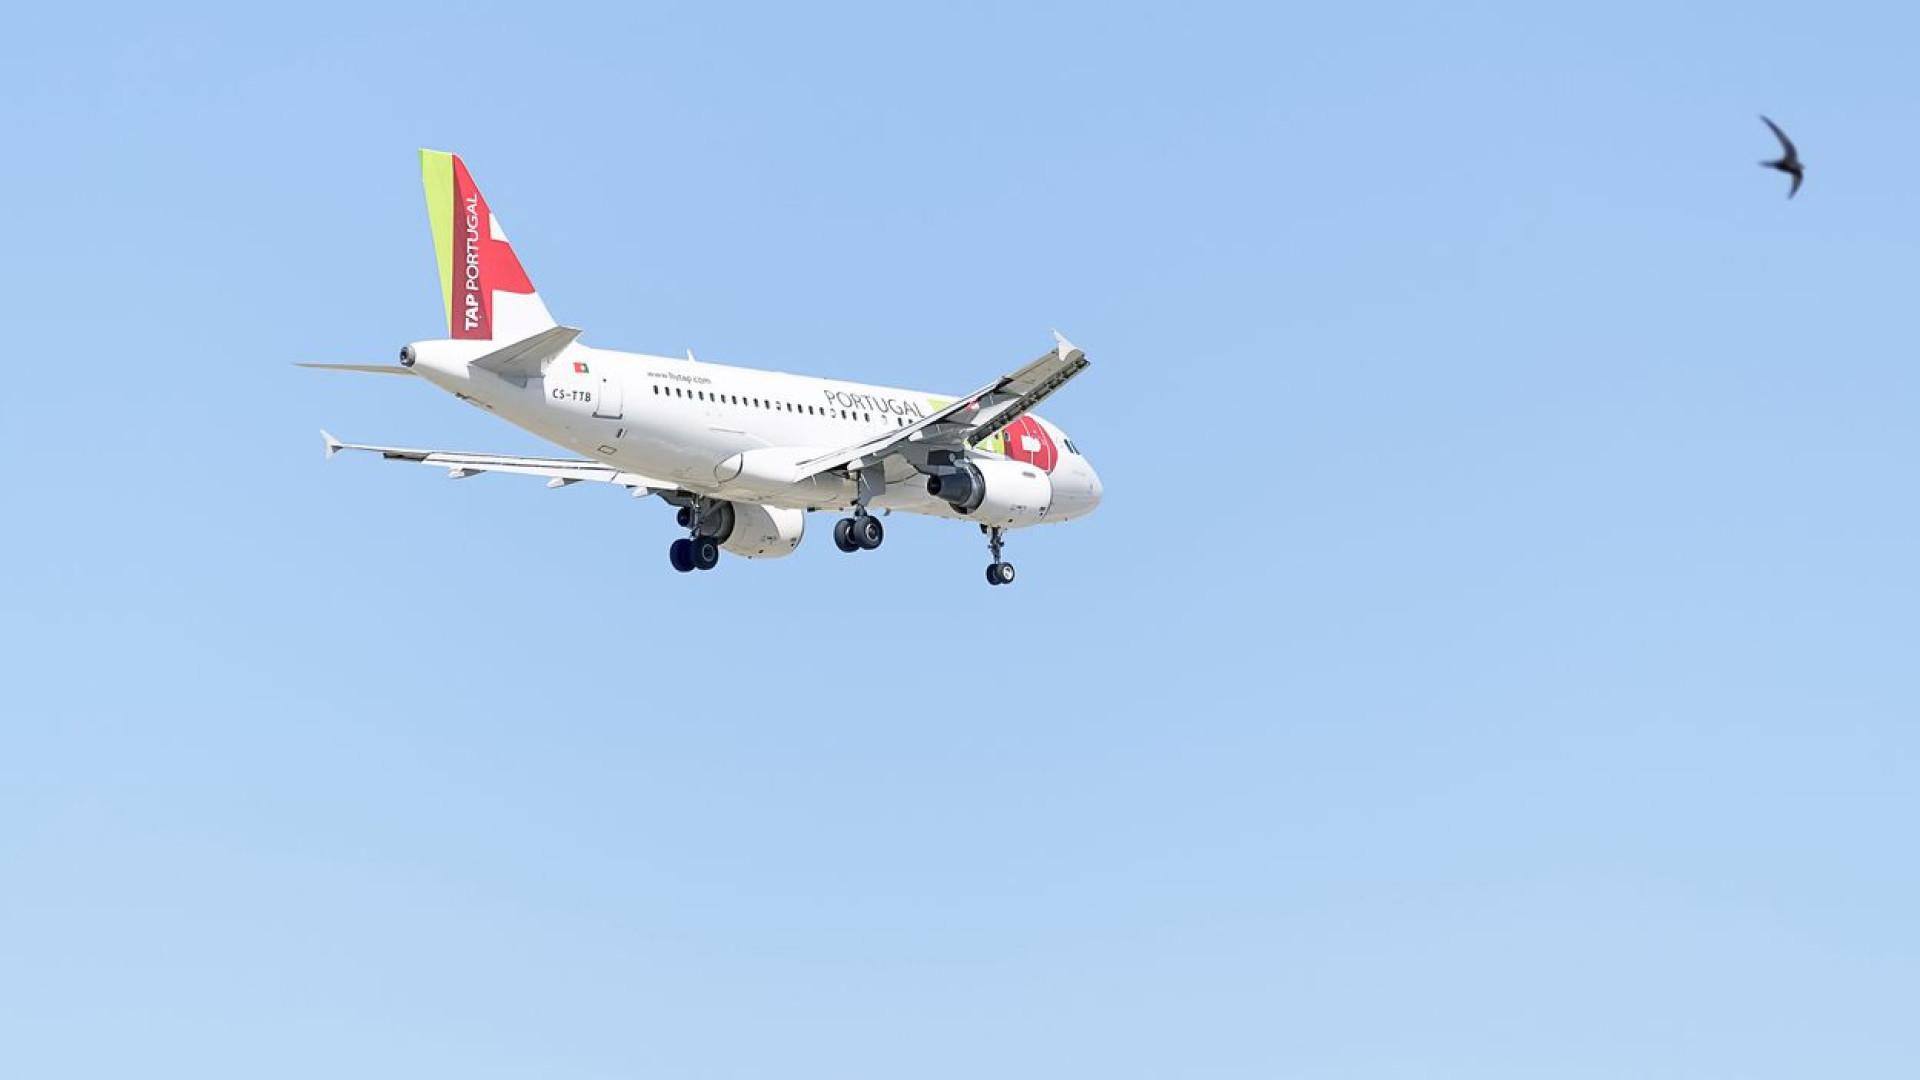 Parlamento aprova registo de identificação dos passageiros aéreos